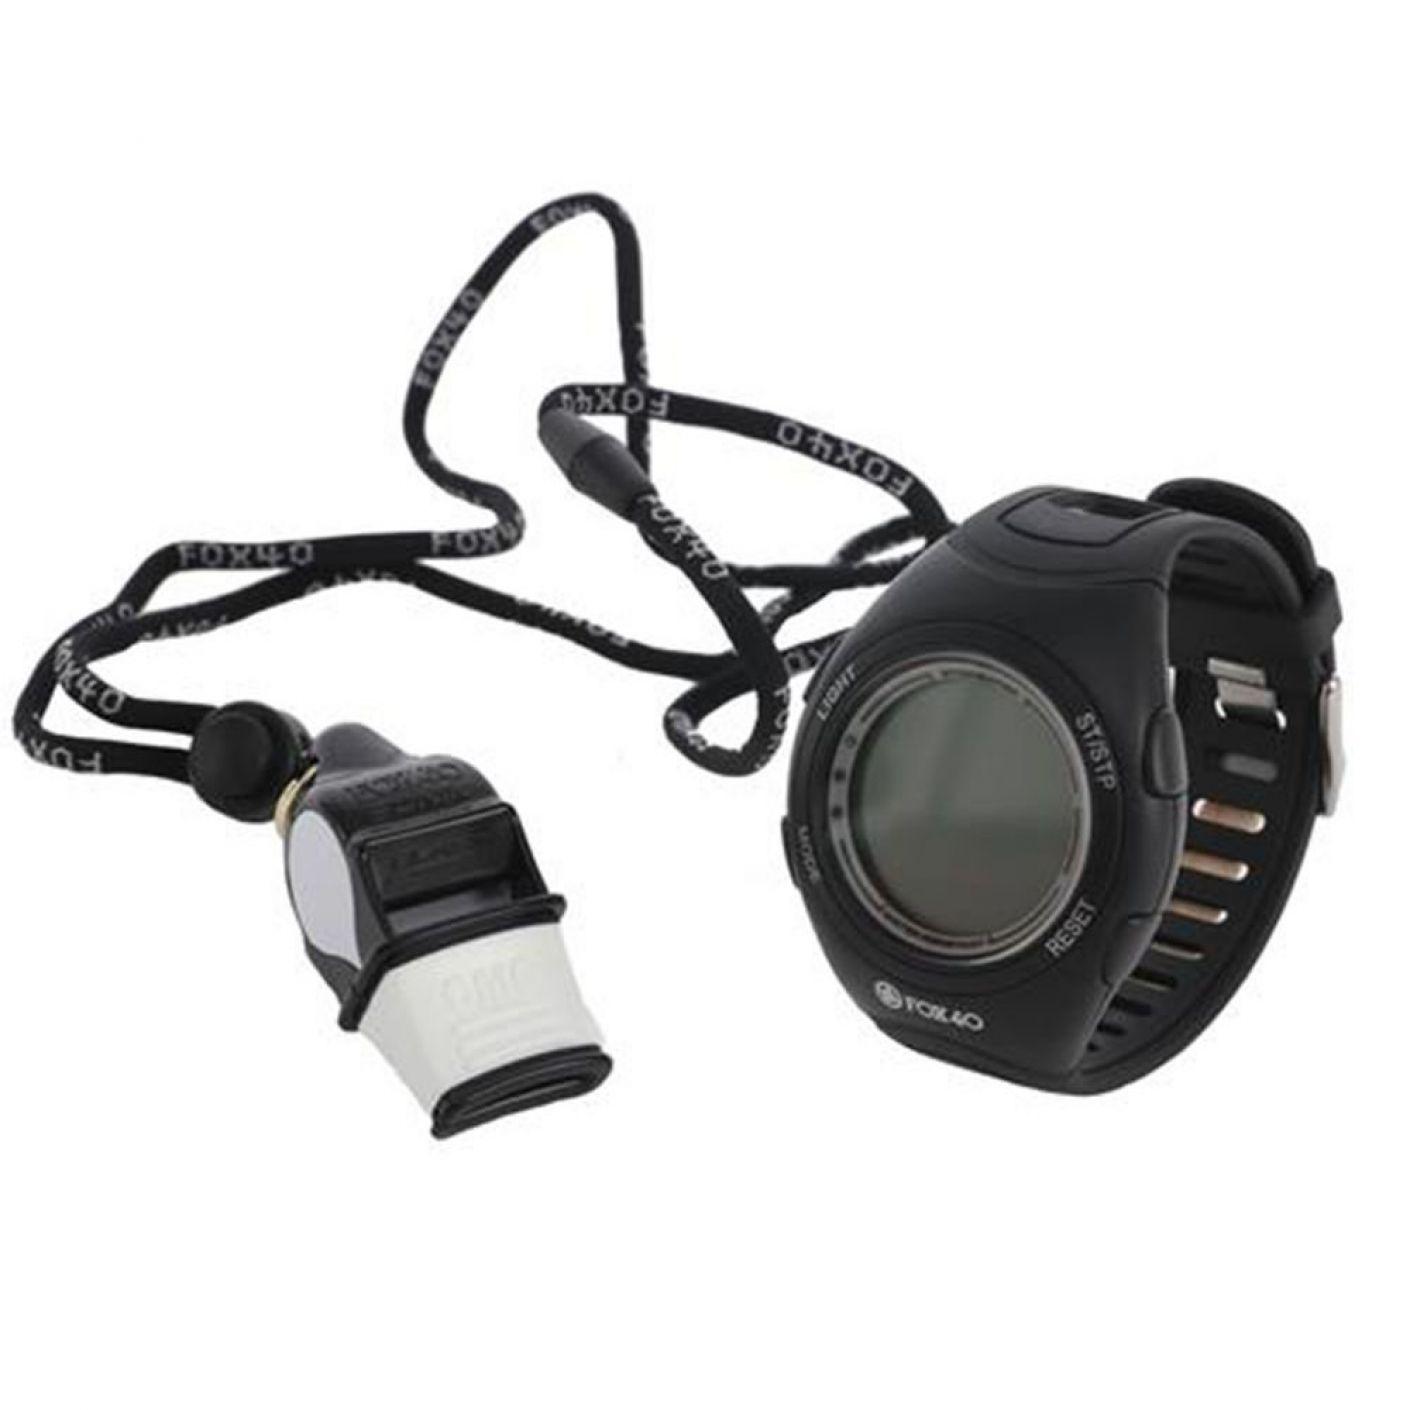 Fox40 Scheidsrechters Horloge